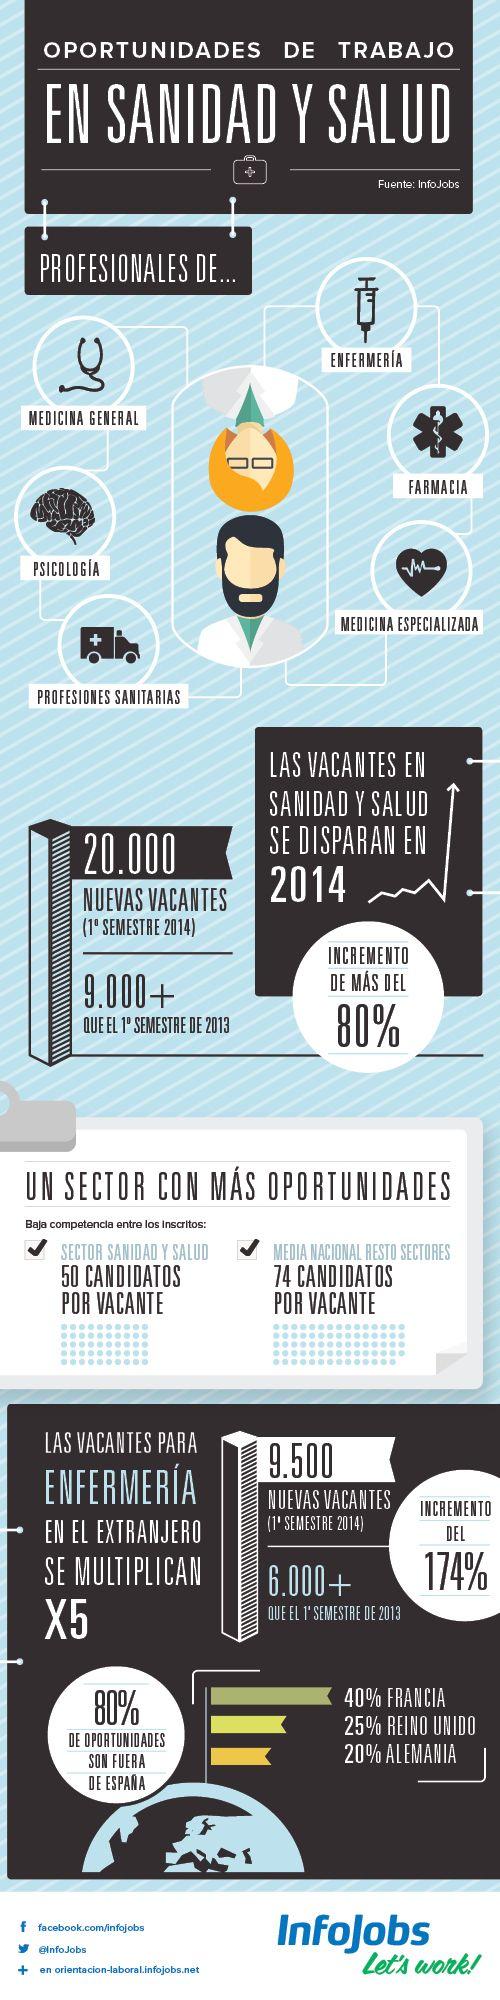 Infojobs y el mercado laboral de los profesionalessanitarios.